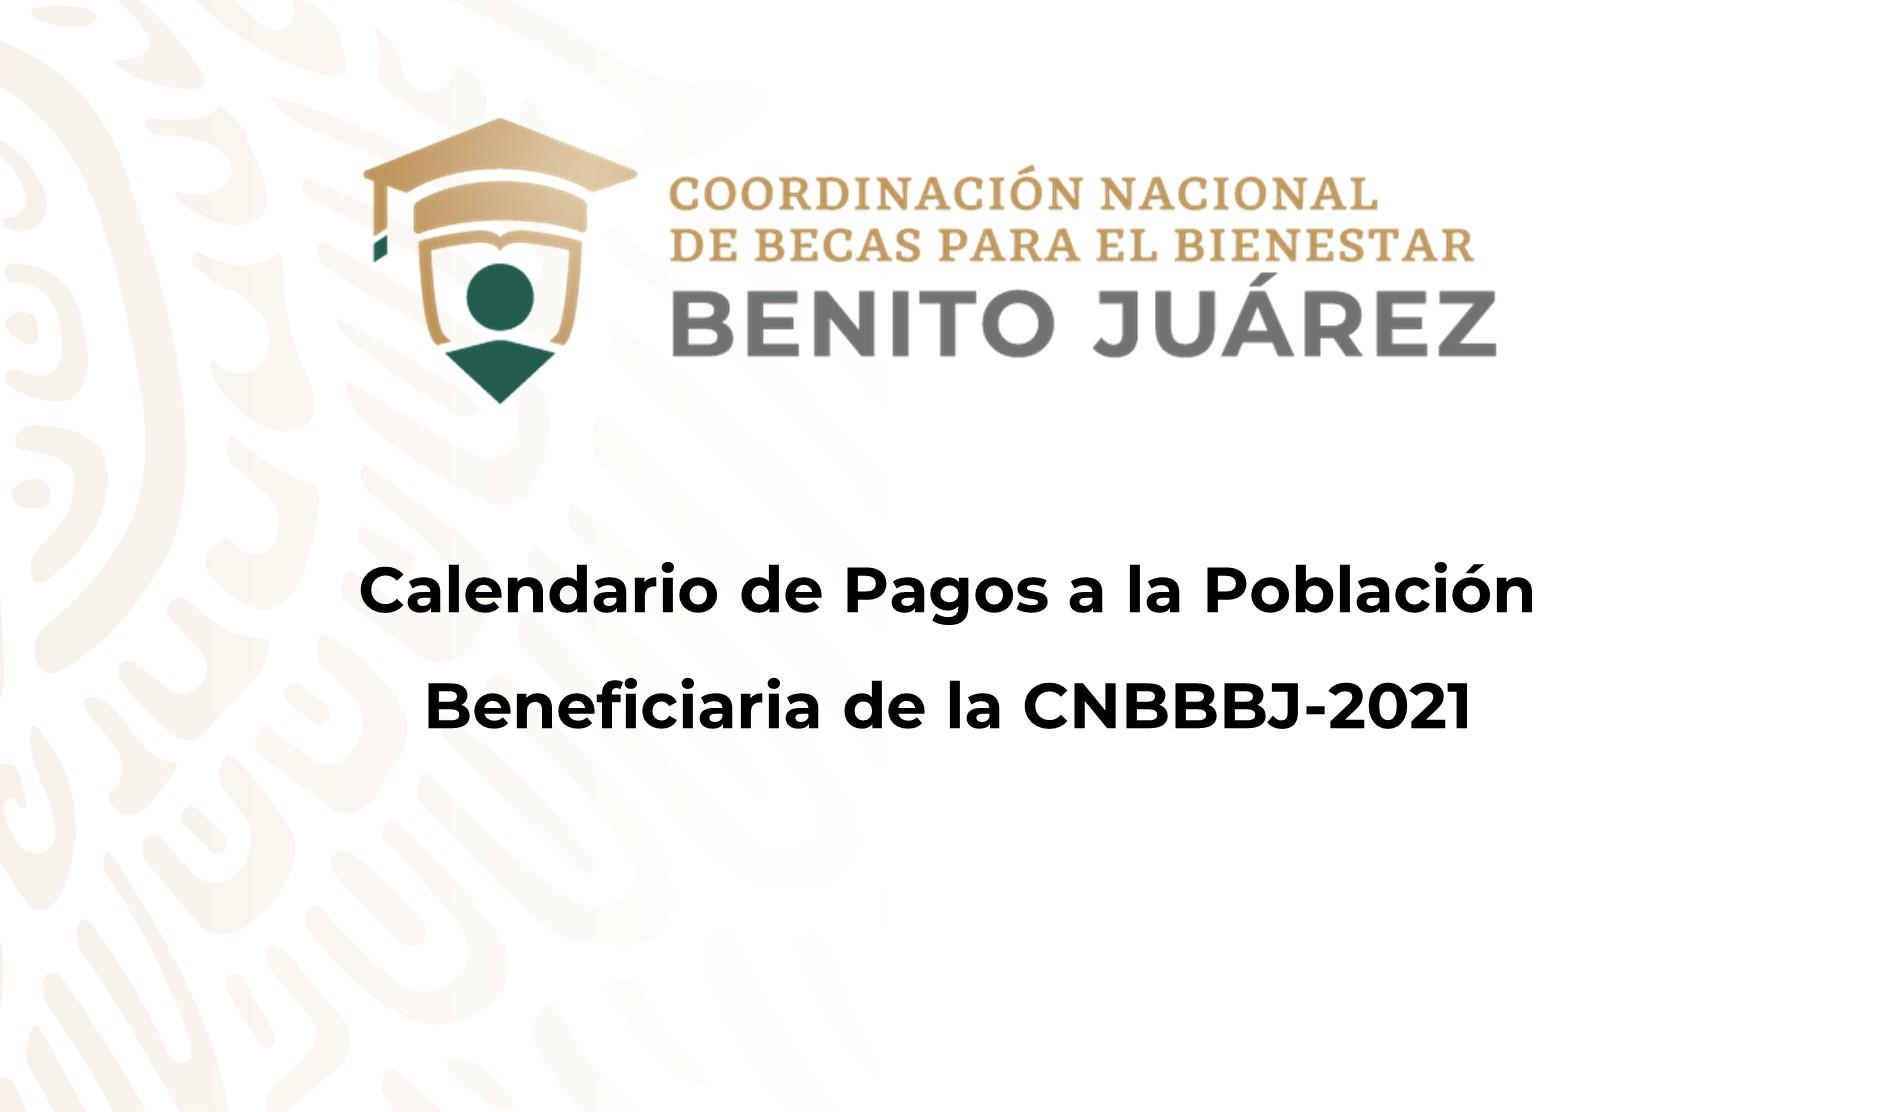 Calendario de pagos a la población beneficiaria de la CNBBBJ-2021